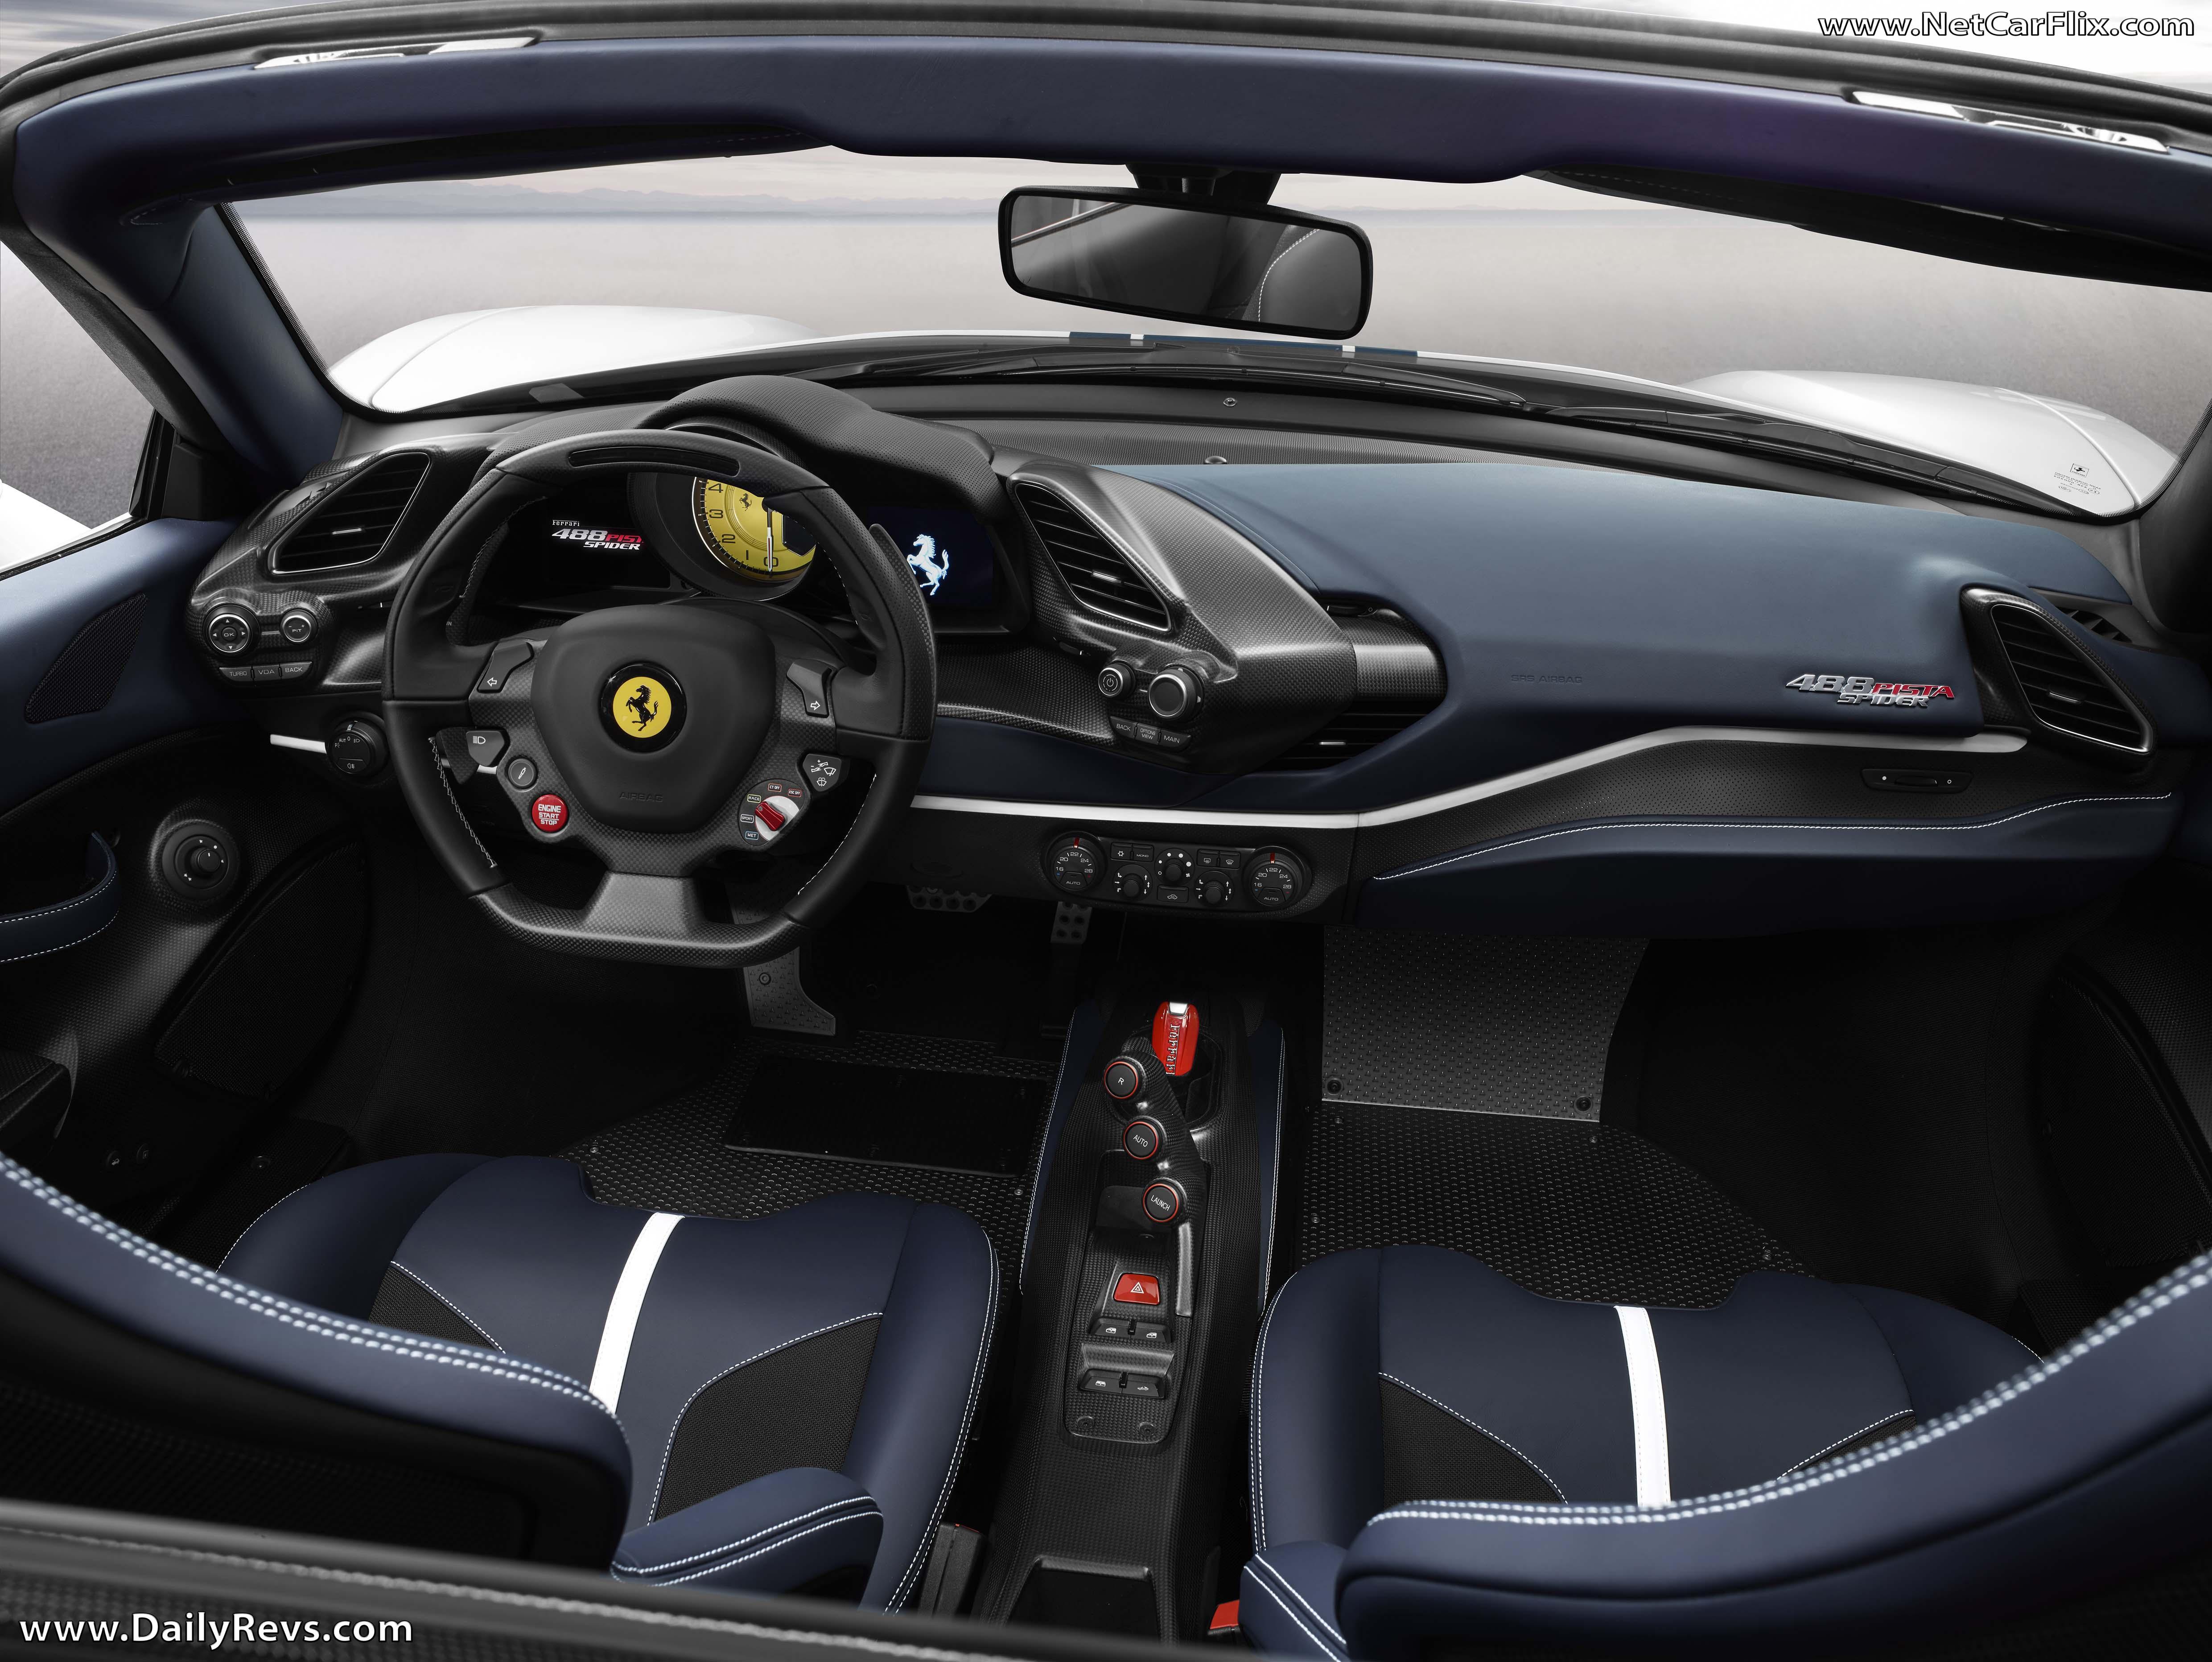 2019 Ferrari 488 Pista Spider full